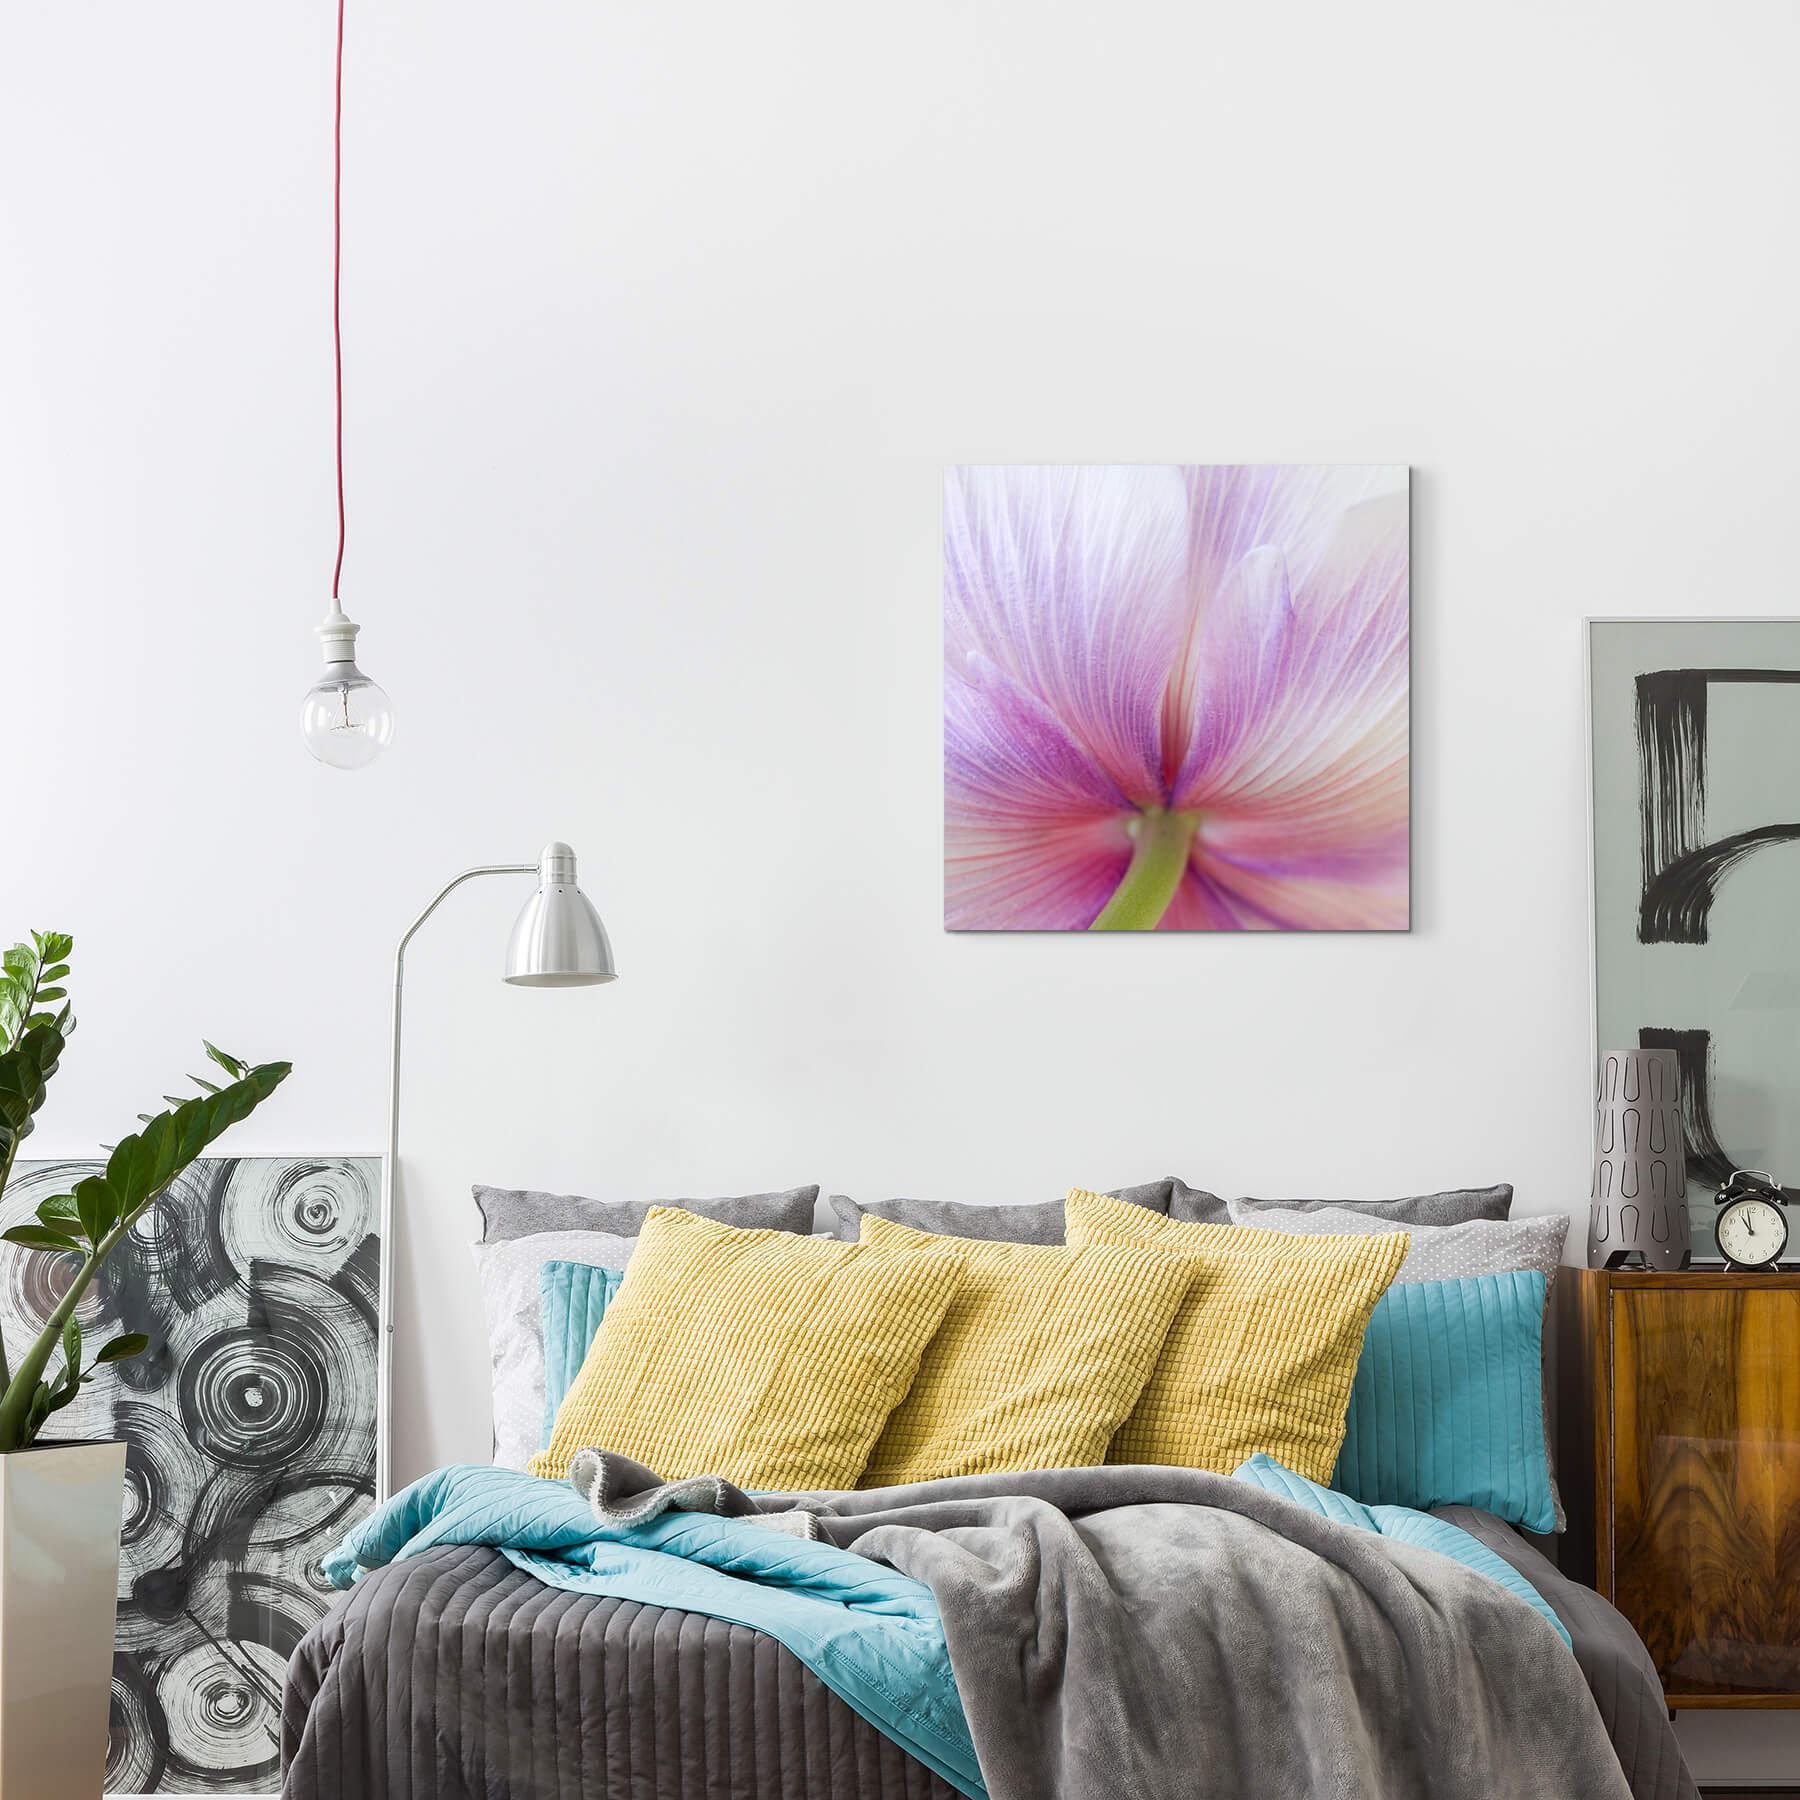 Fotografia macro una TULIPANO-rosa e Bianco-Tela Bianco-Tela Bianco-Tela c0e3e4